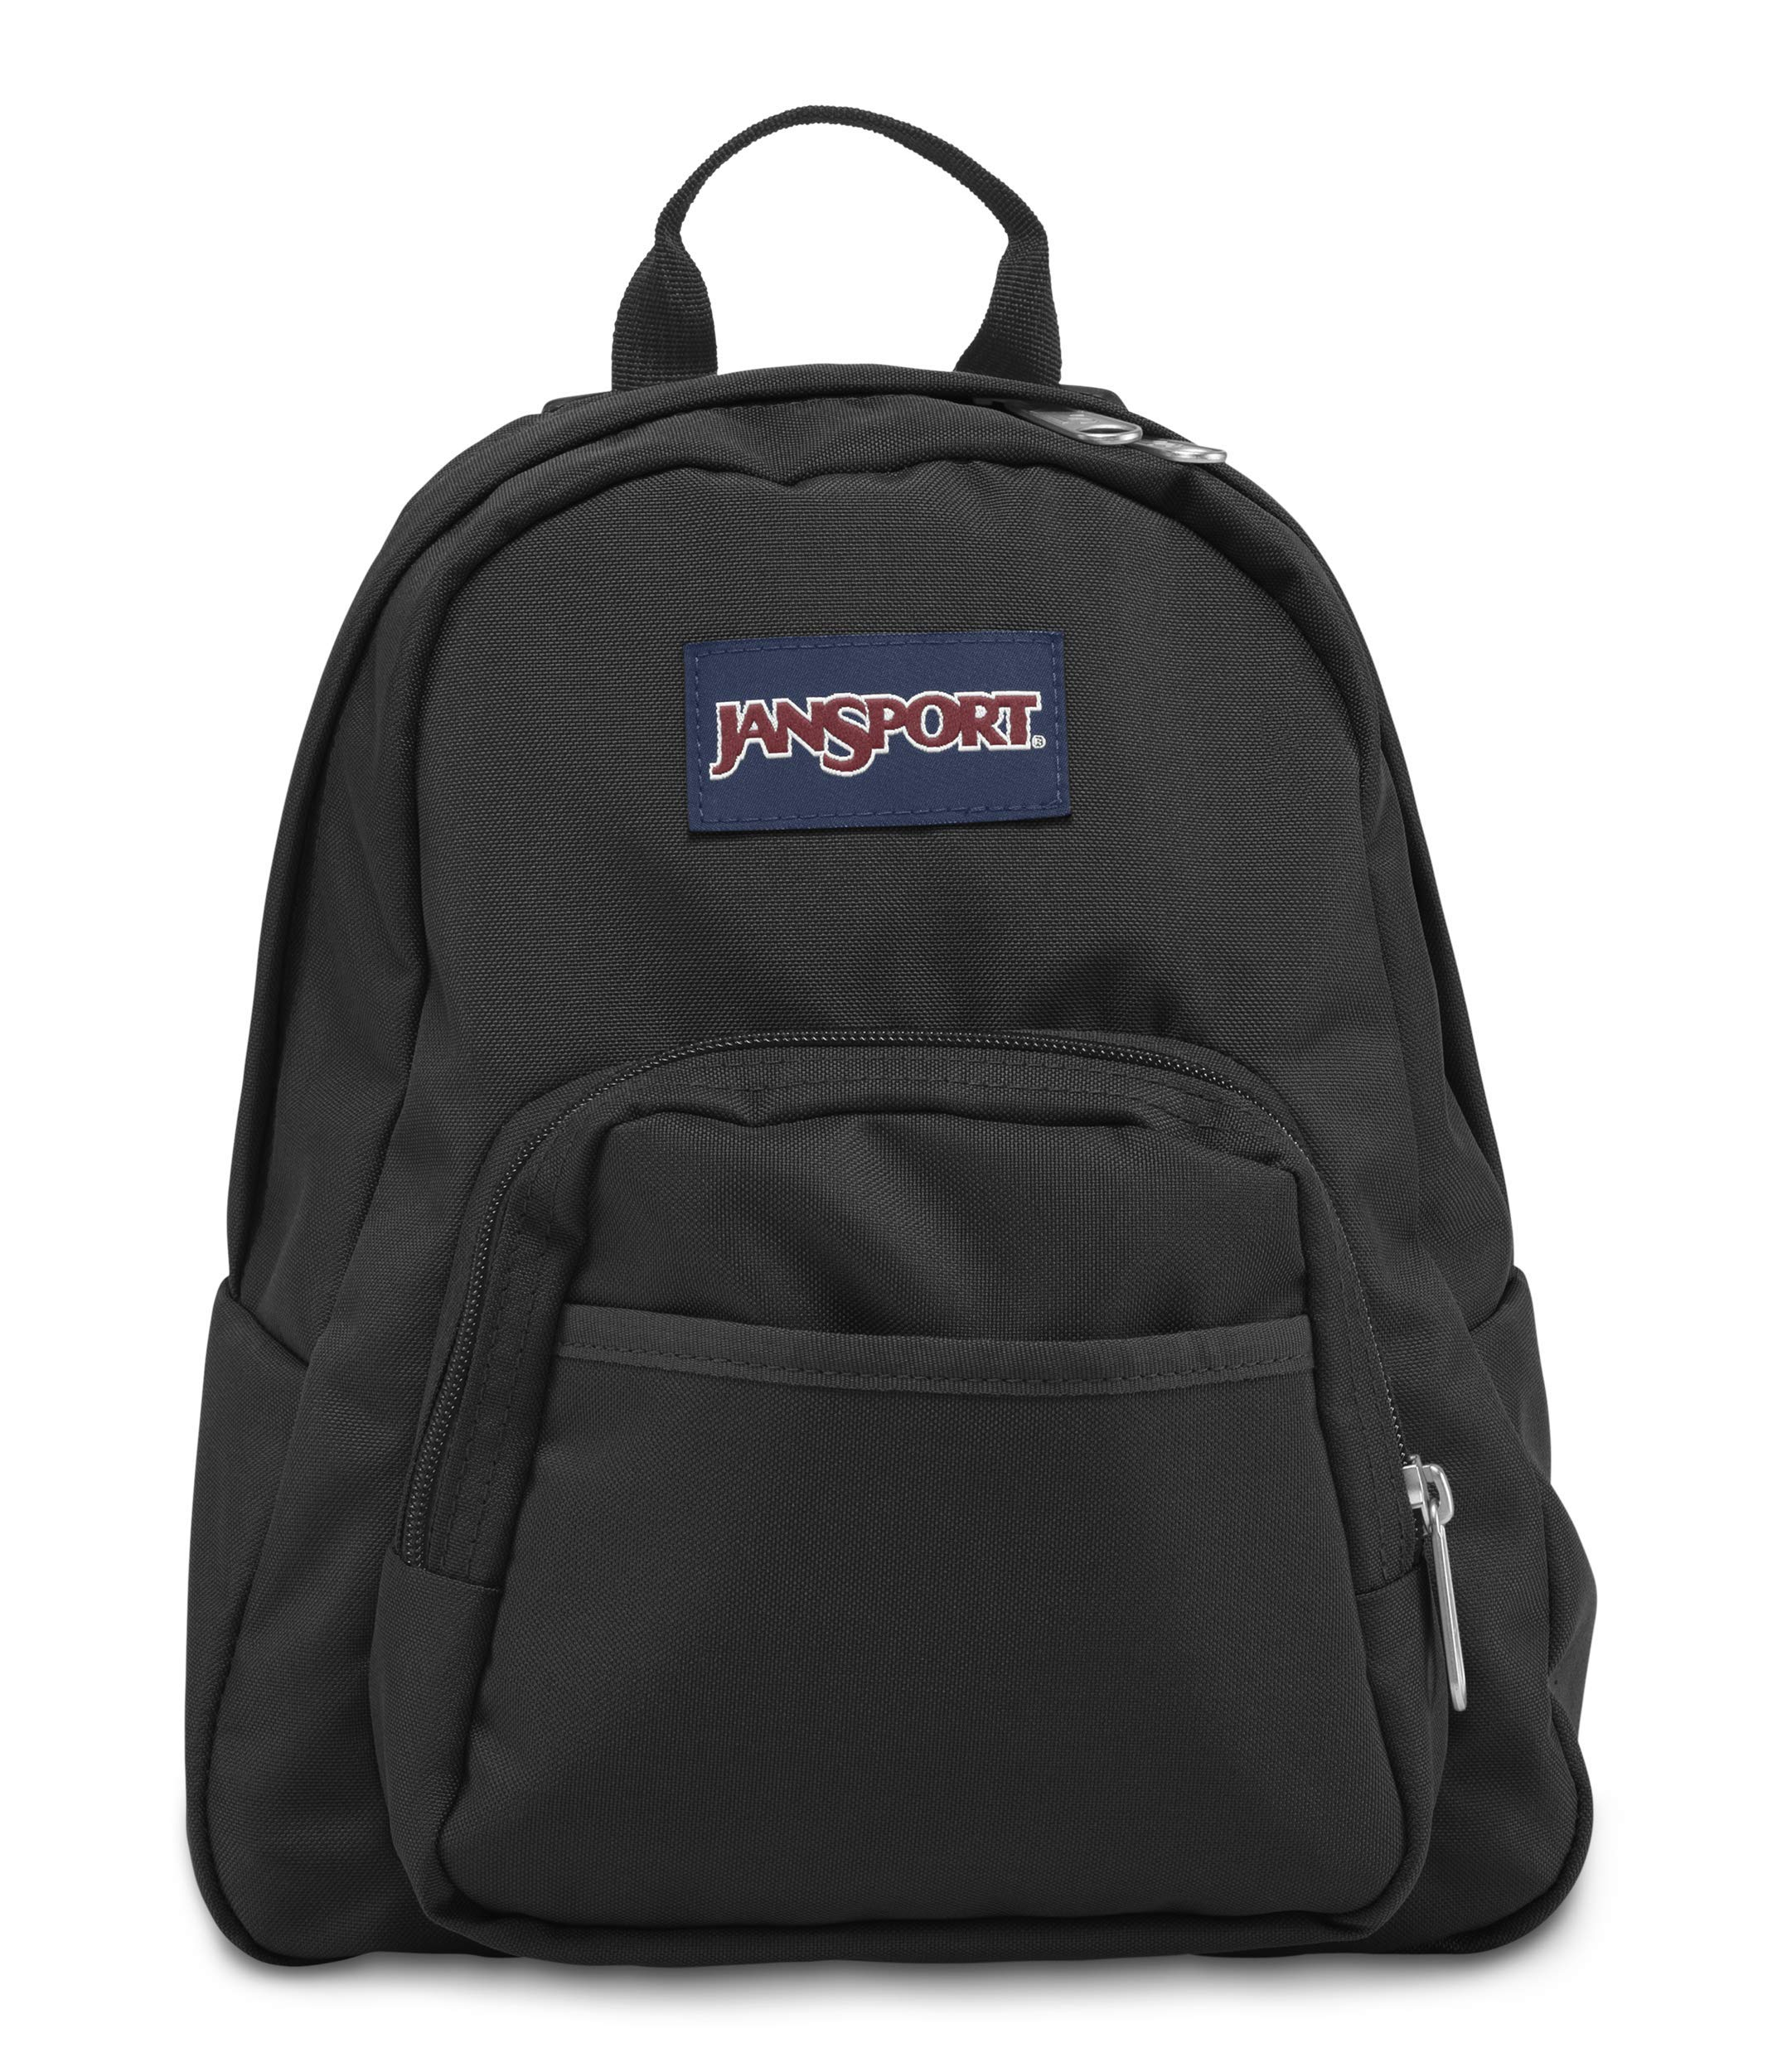 JanSport Half Pint Backpack (Black) by JanSport